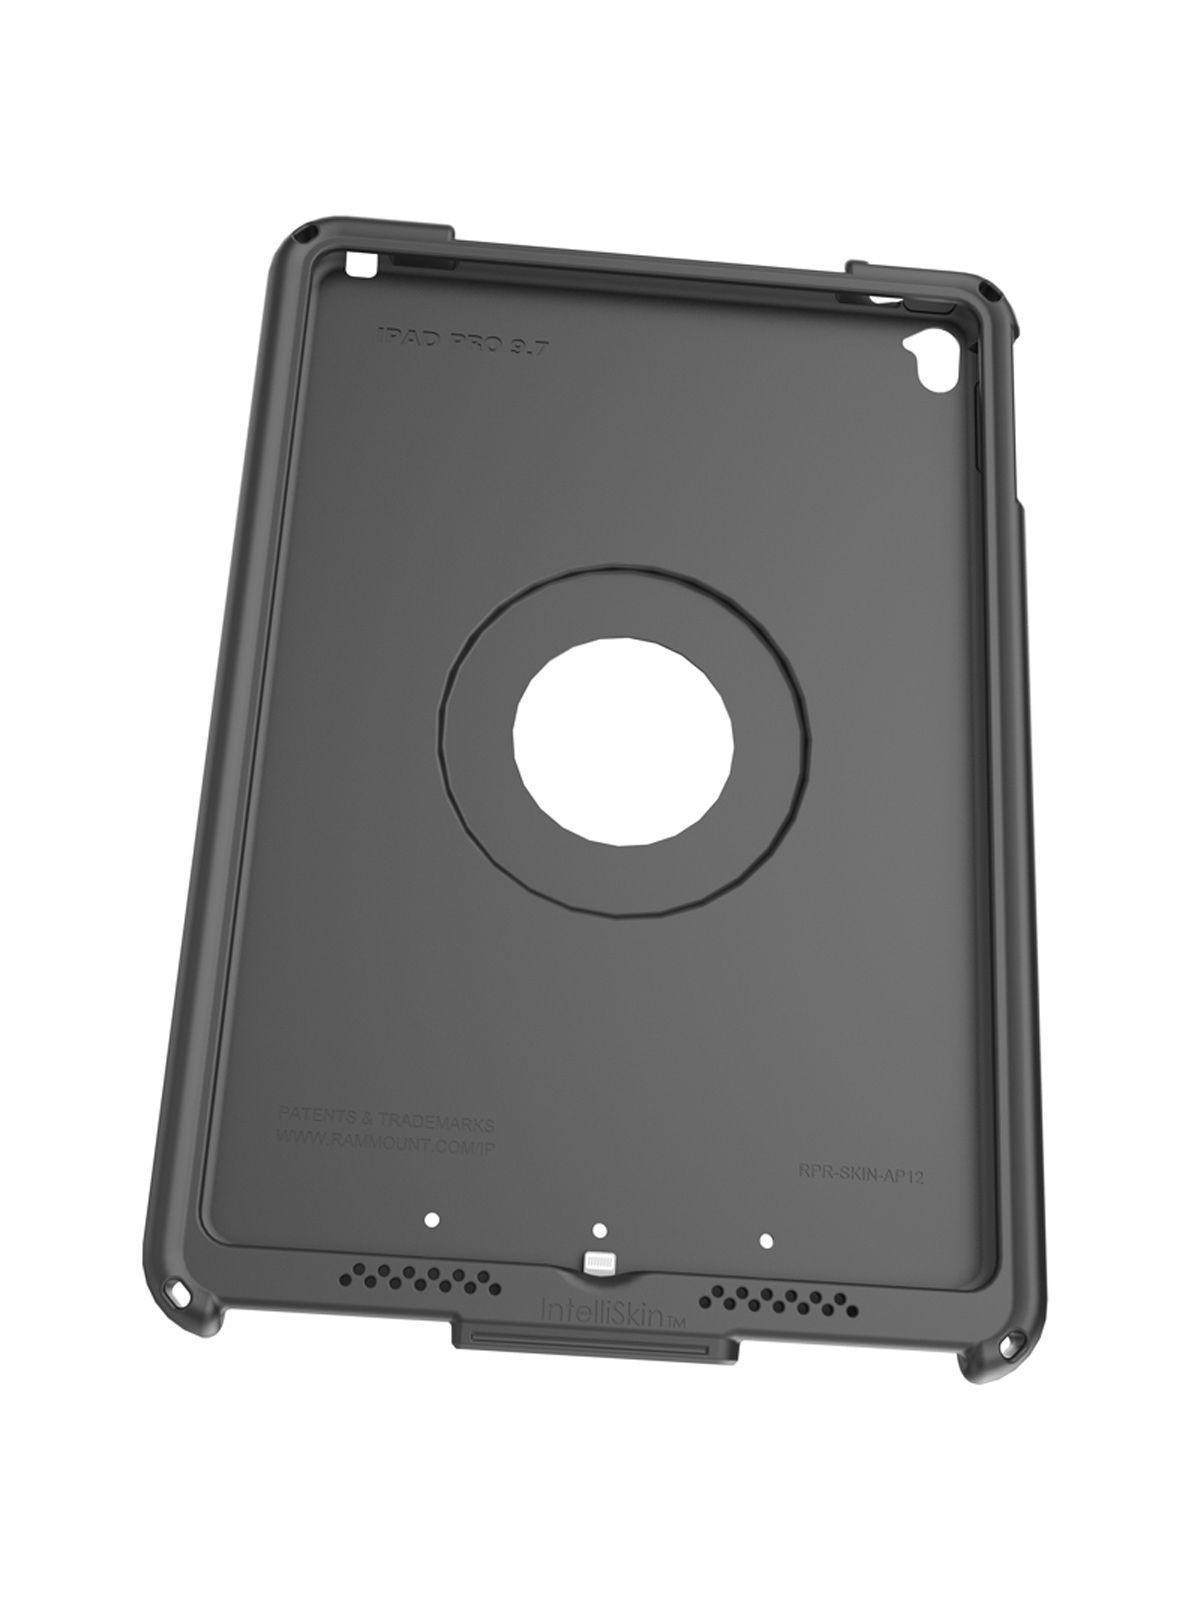 RAM Mounts IntelliSkin Lade-/Schutzhülle Apple iPad Pro 9.7 - GDS-Technologie